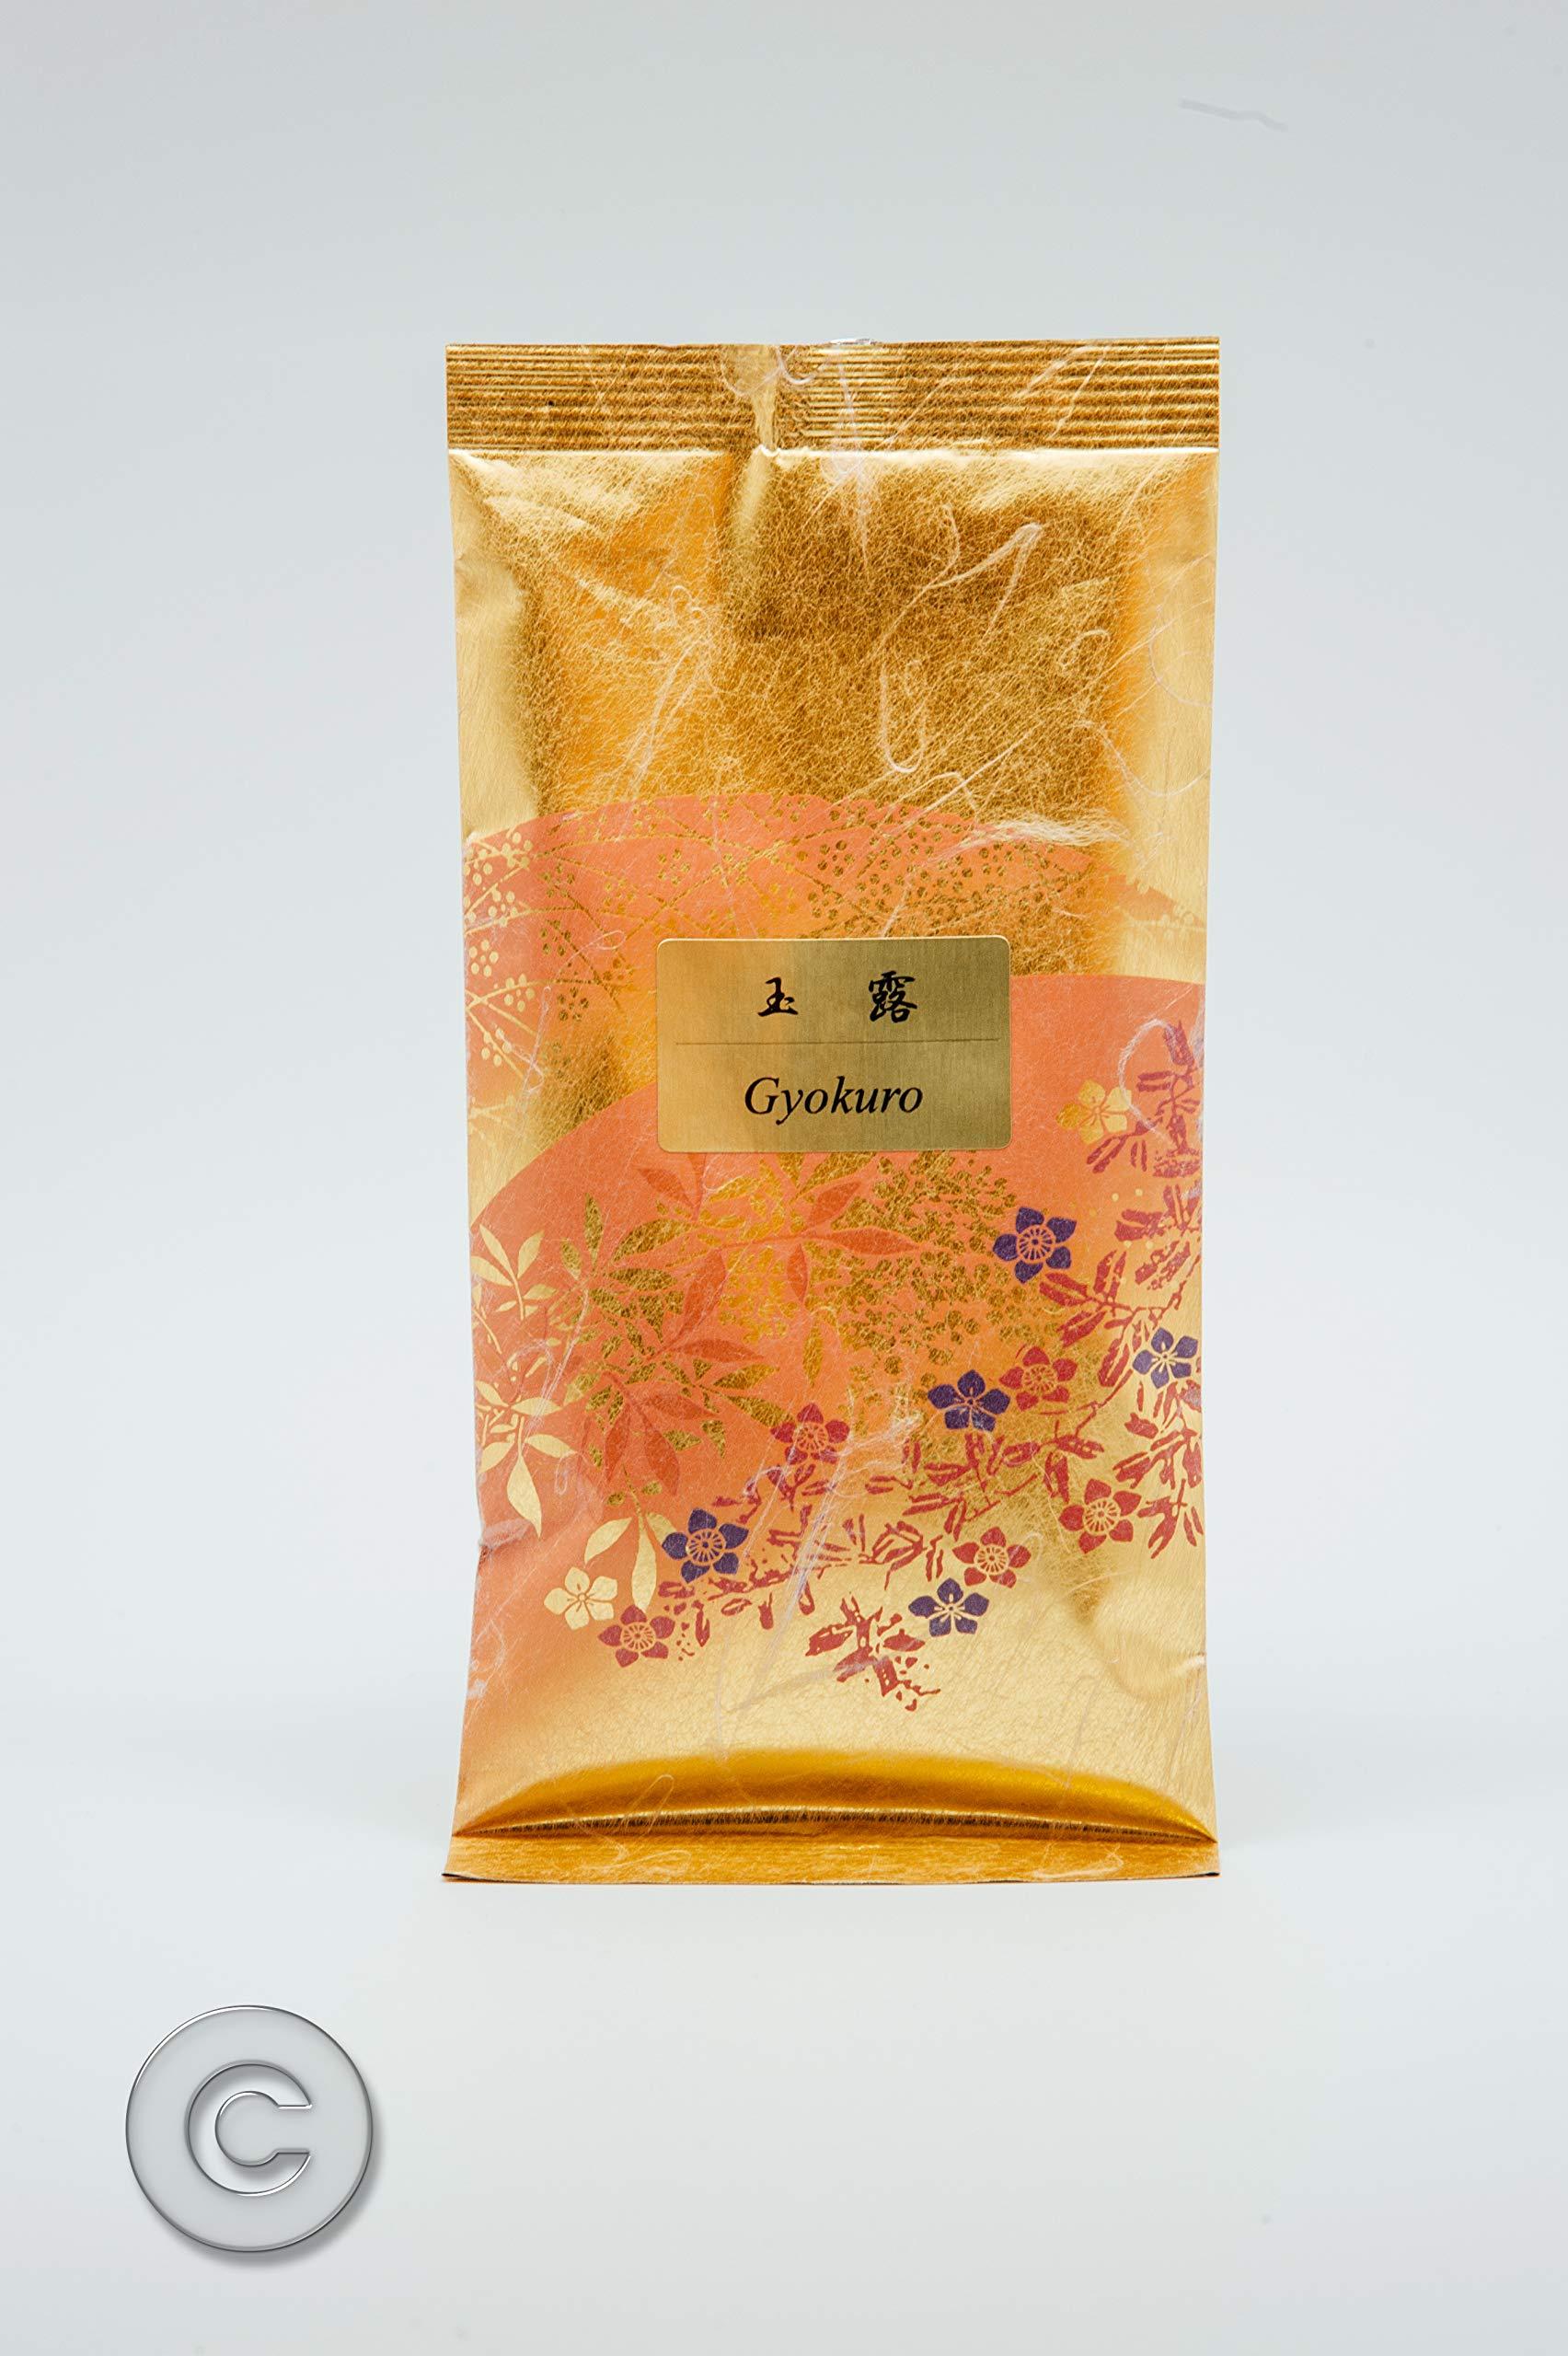 Grner-tee-Sencha-Premium-japanischer-aus-Uji-aus-sorgfltiger-auslese-von-mildem-geschmack-bio-verpackt-in-der-plantage-und-prsentiert-in-beuteln-aus-reispapier-und-japanischer-seide-zu-200-g